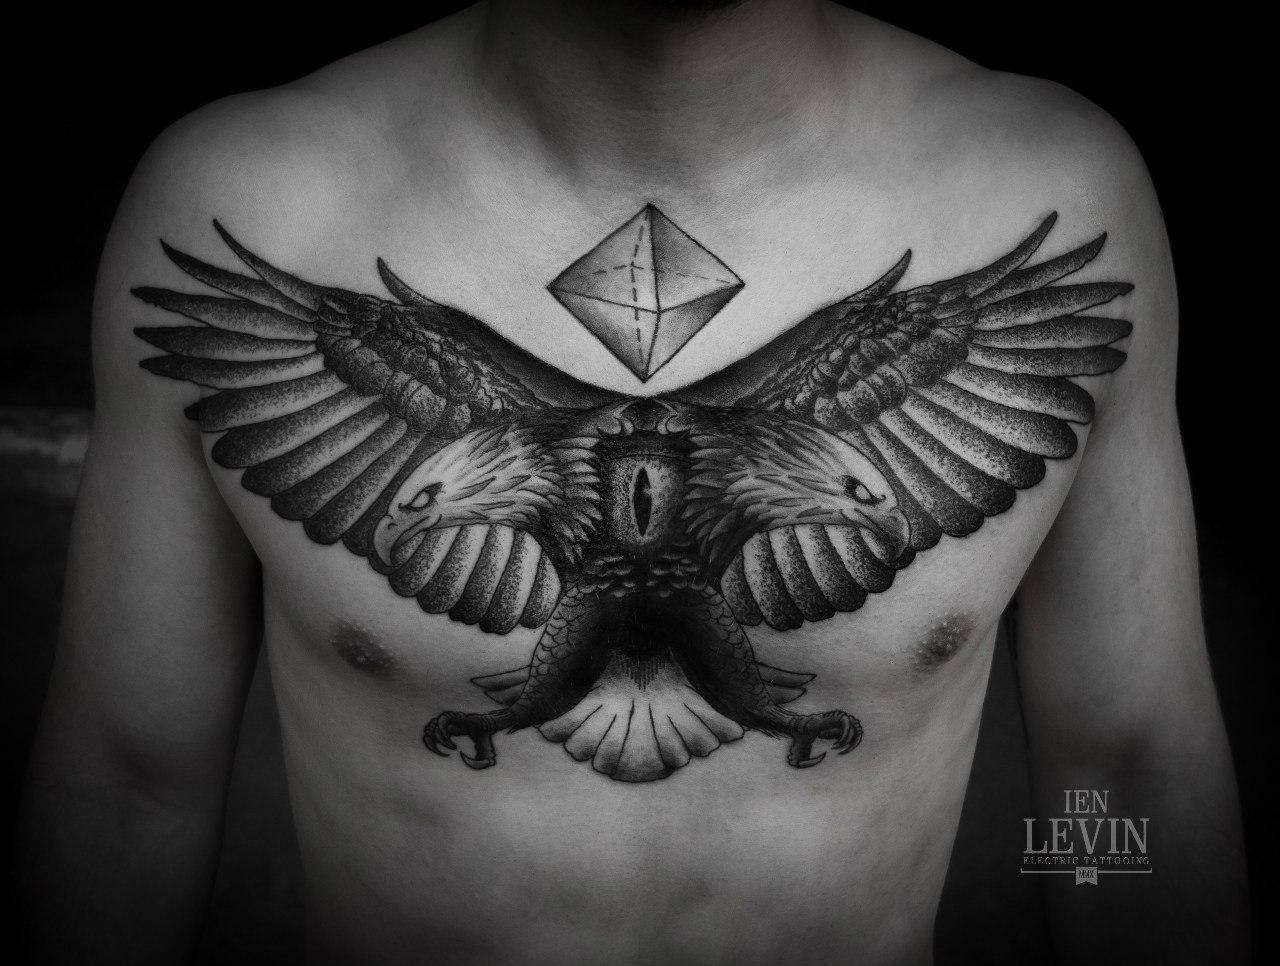 Tatuajes De Aguilas Con Disenos Increibles Y Su Gran Significado